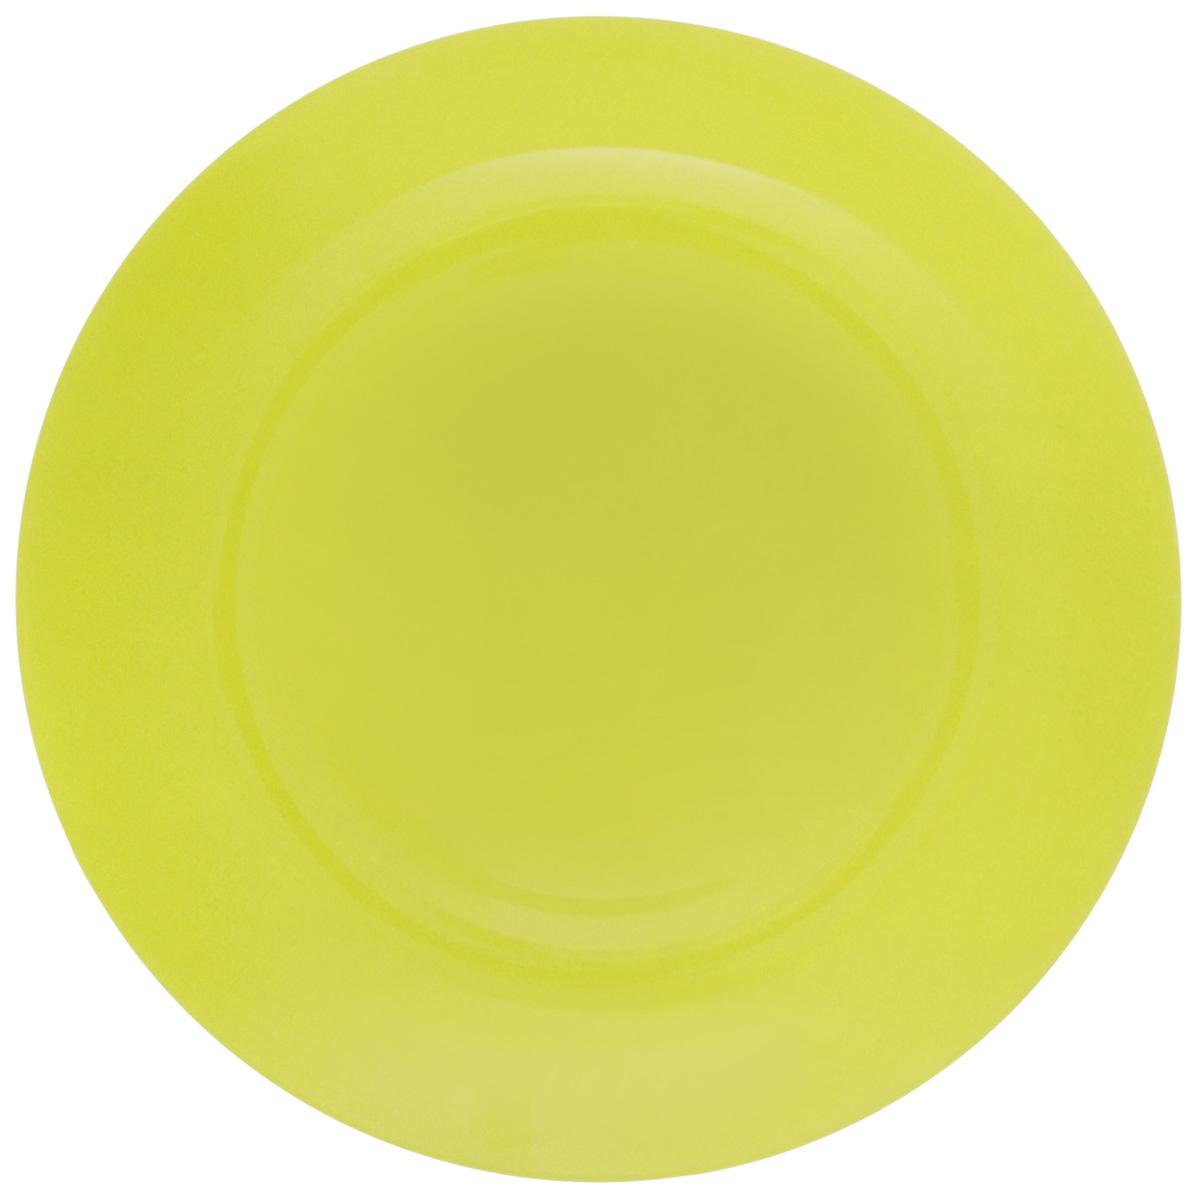 Тарелка NiNaGlass Палитра, цвет: зеленый, диаметр 26 см85-260-125псзТарелка NiNaGlass Палитра выполнена из высококачественного стекла яркий насыщенный цвет. Тарелка идеальна для подачи вторых блюд, а также сервировки закусок, нарезок, салатов, овощей и фруктов. Она отлично подойдет как для повседневных, так и для торжественных случаев. Такая тарелка прекрасно впишется в интерьер вашей кухни и станет достойным дополнением к кухонному инвентарю.